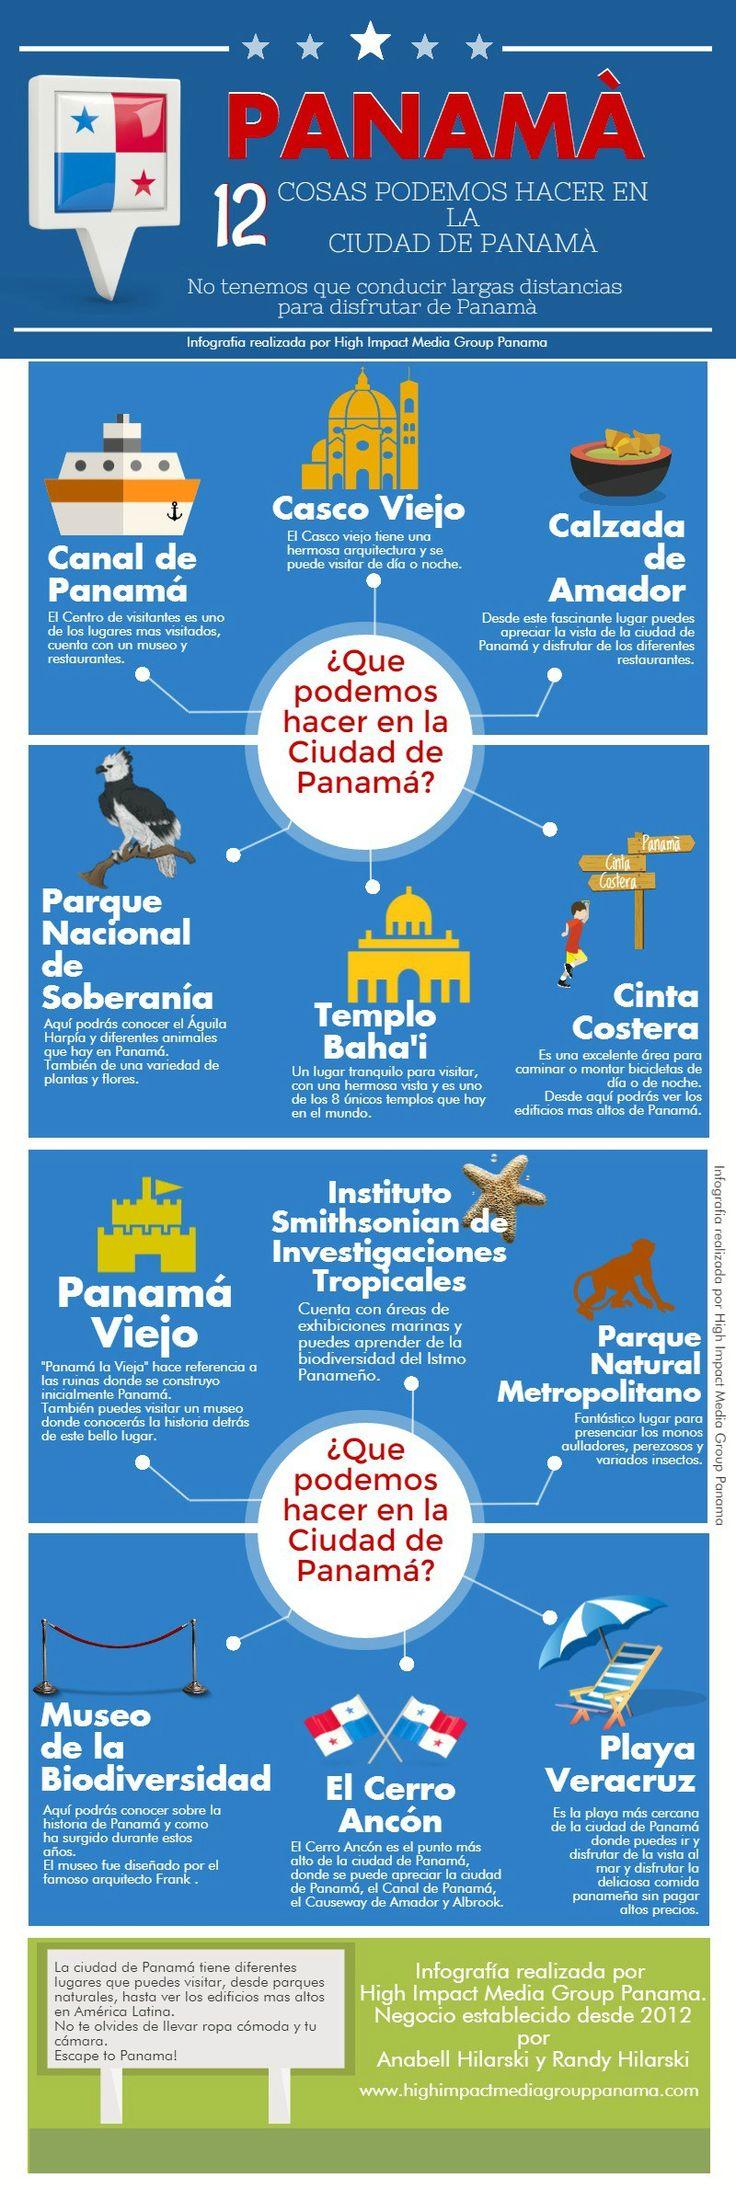 Ciudad de Panamá Turismo